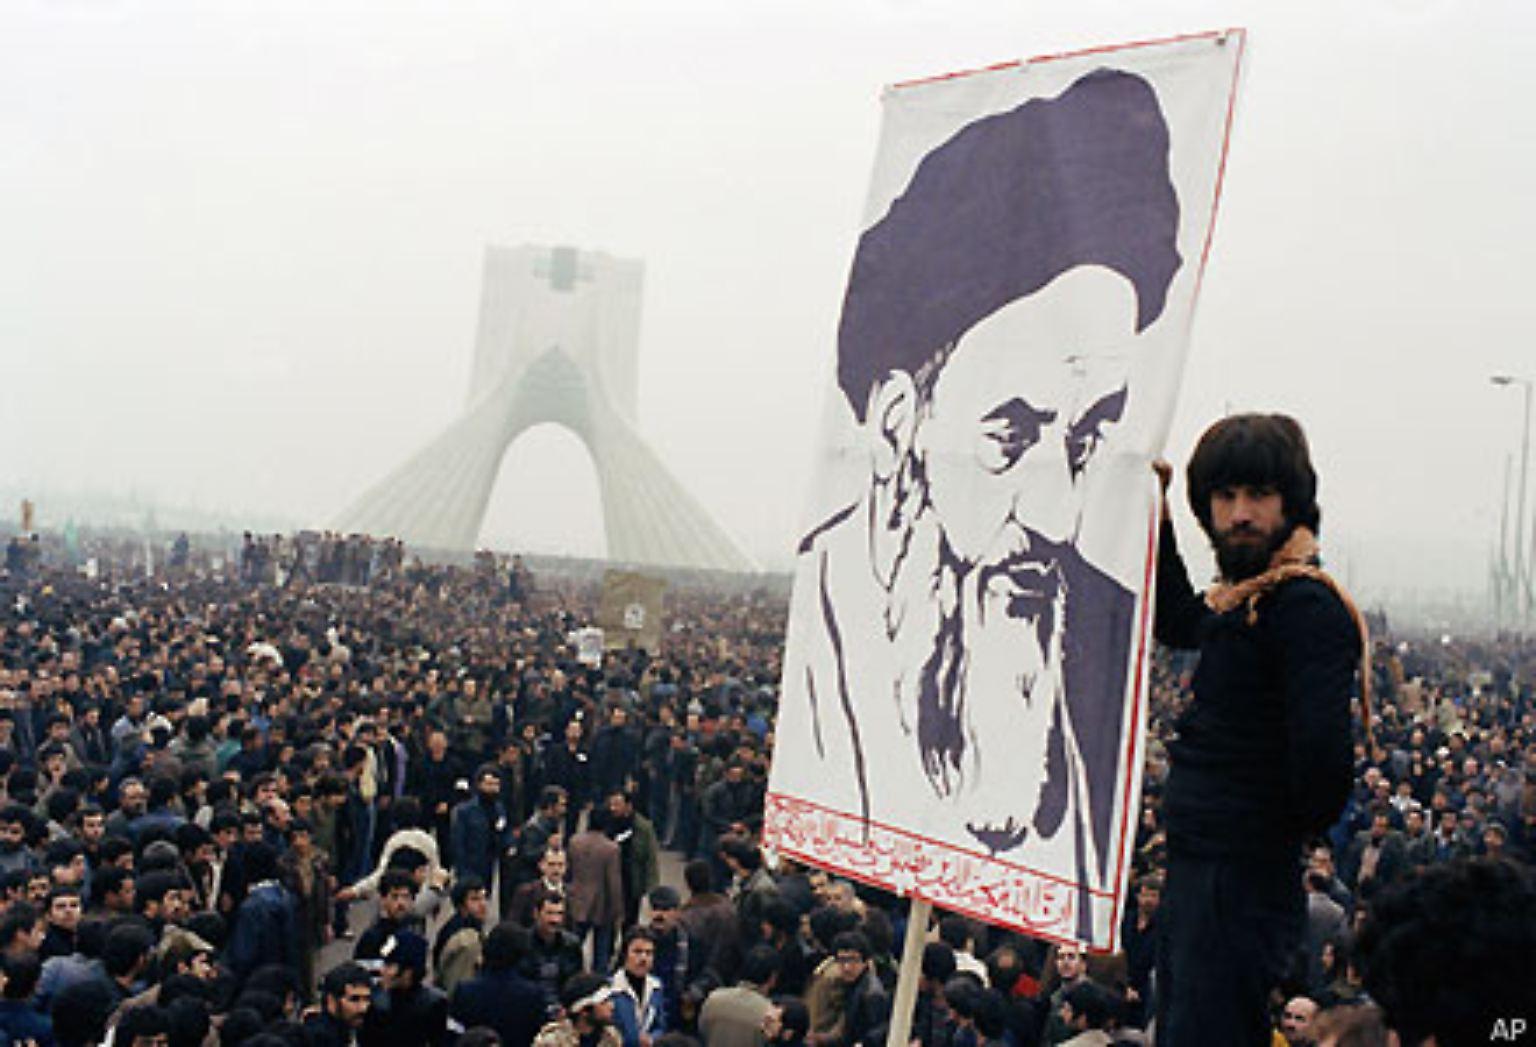 Die Islamische Republik Iran feiert am 10. Februar ihr 32-jähriges Bestehen. In den vergangenen Jahrzehnten hat das Land turbulente Zeiten durchlebt.